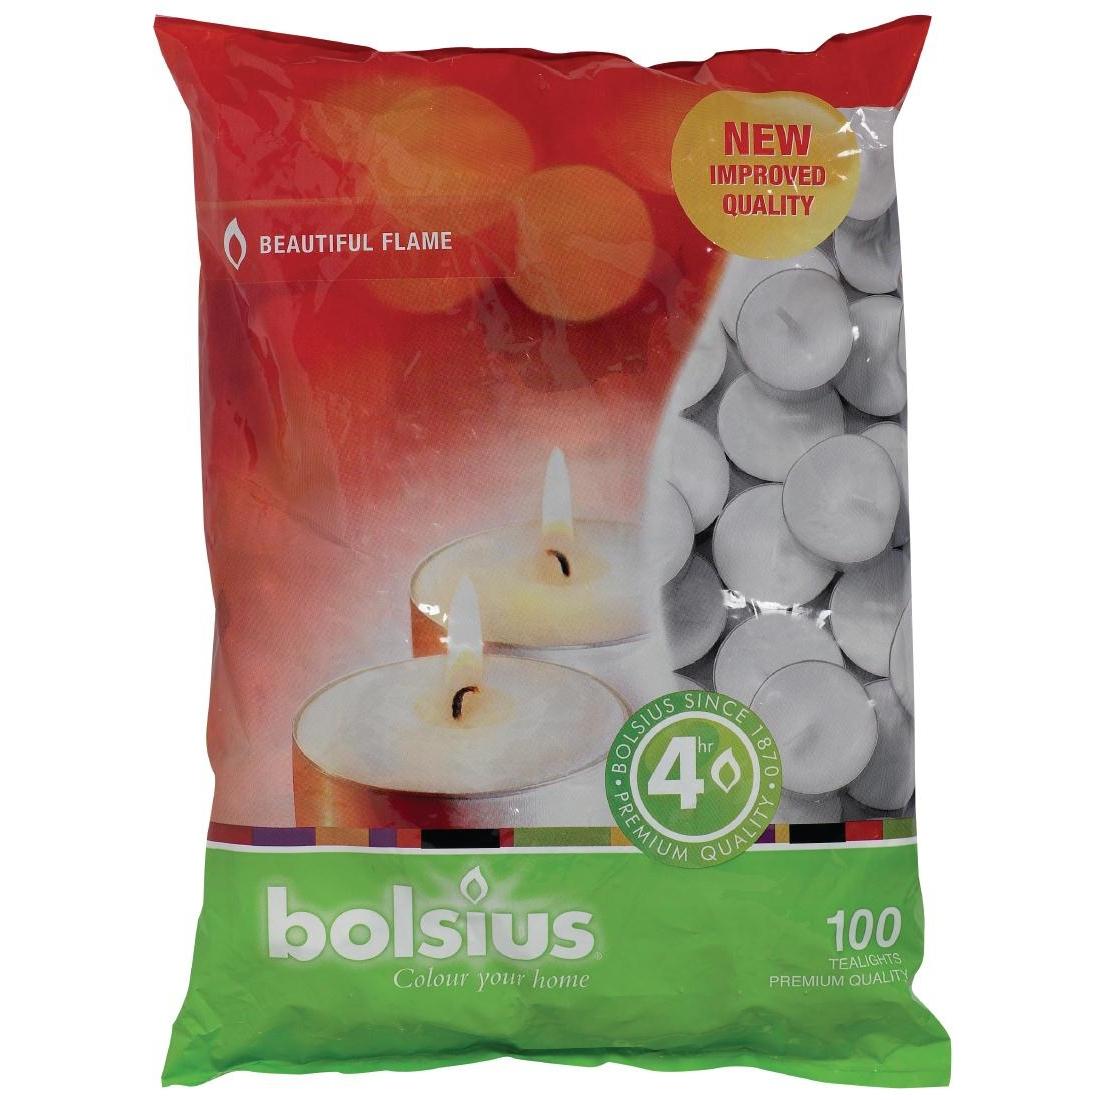 Bougies chauffe plats Bolsius 4 heures par 100